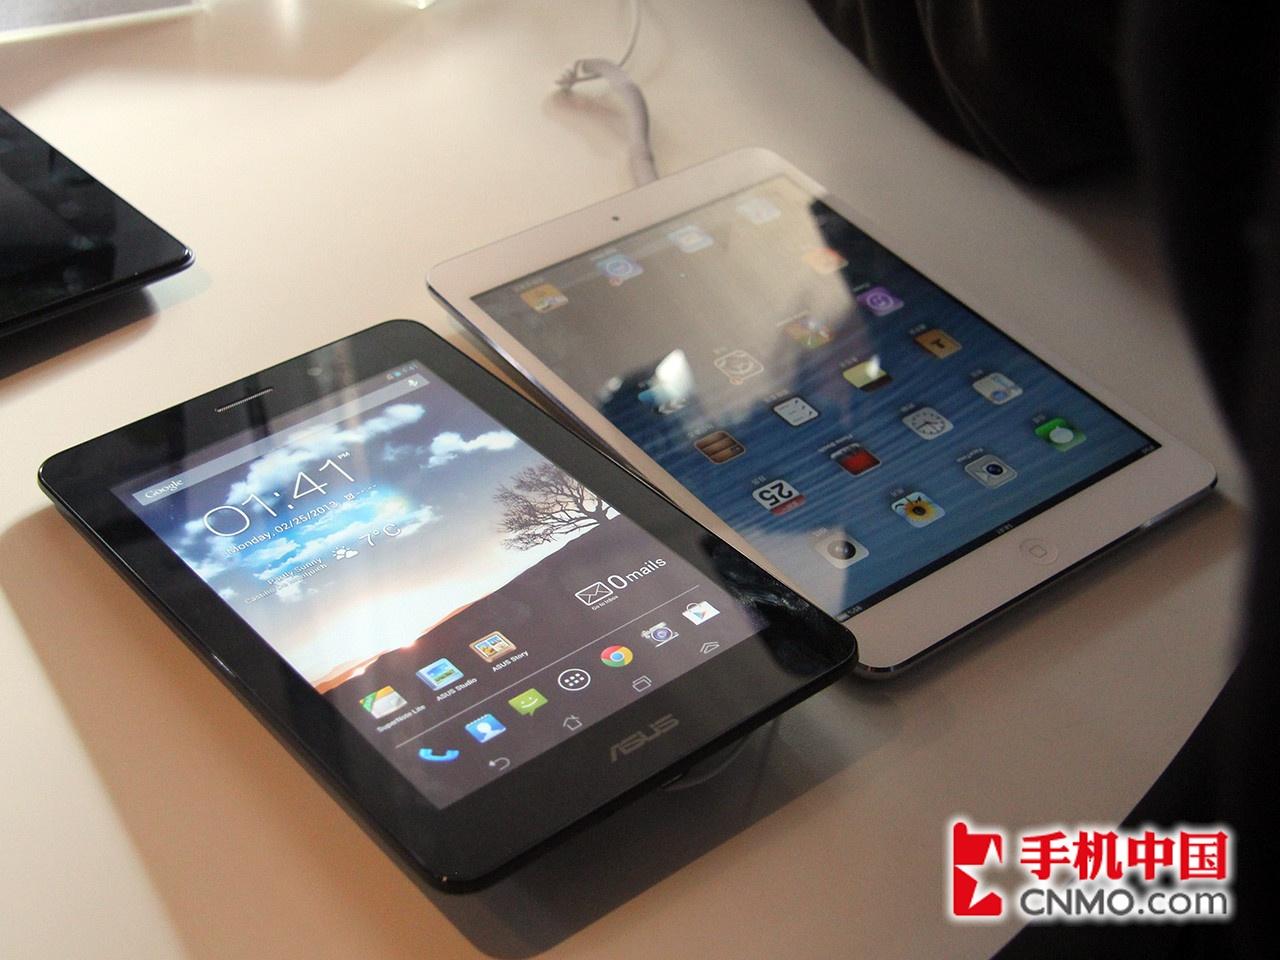 华硕手机怎么买_7英寸通话intel平板 华硕fonepad图赏- 手机 图片- 手机